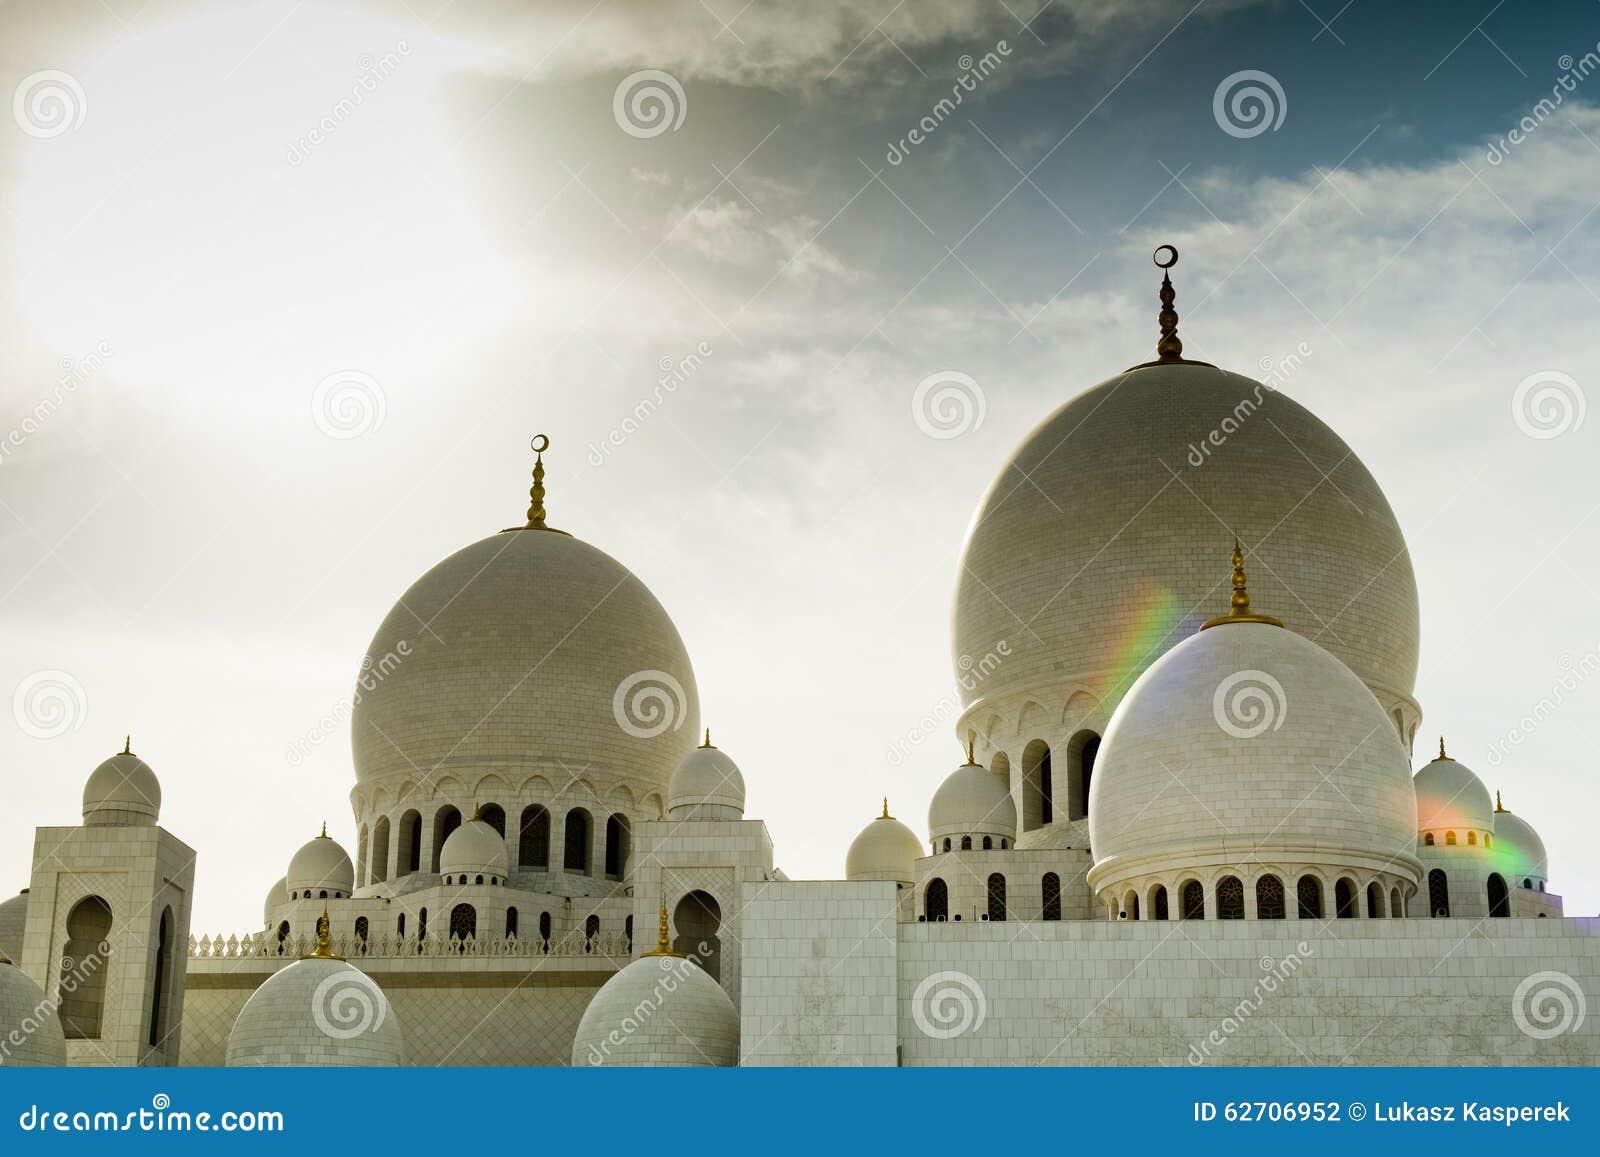 Μεγάλος θόλος μουσουλμανικών τεμενών, Αμπού Ντάμπι, Ε.Α.Ε.